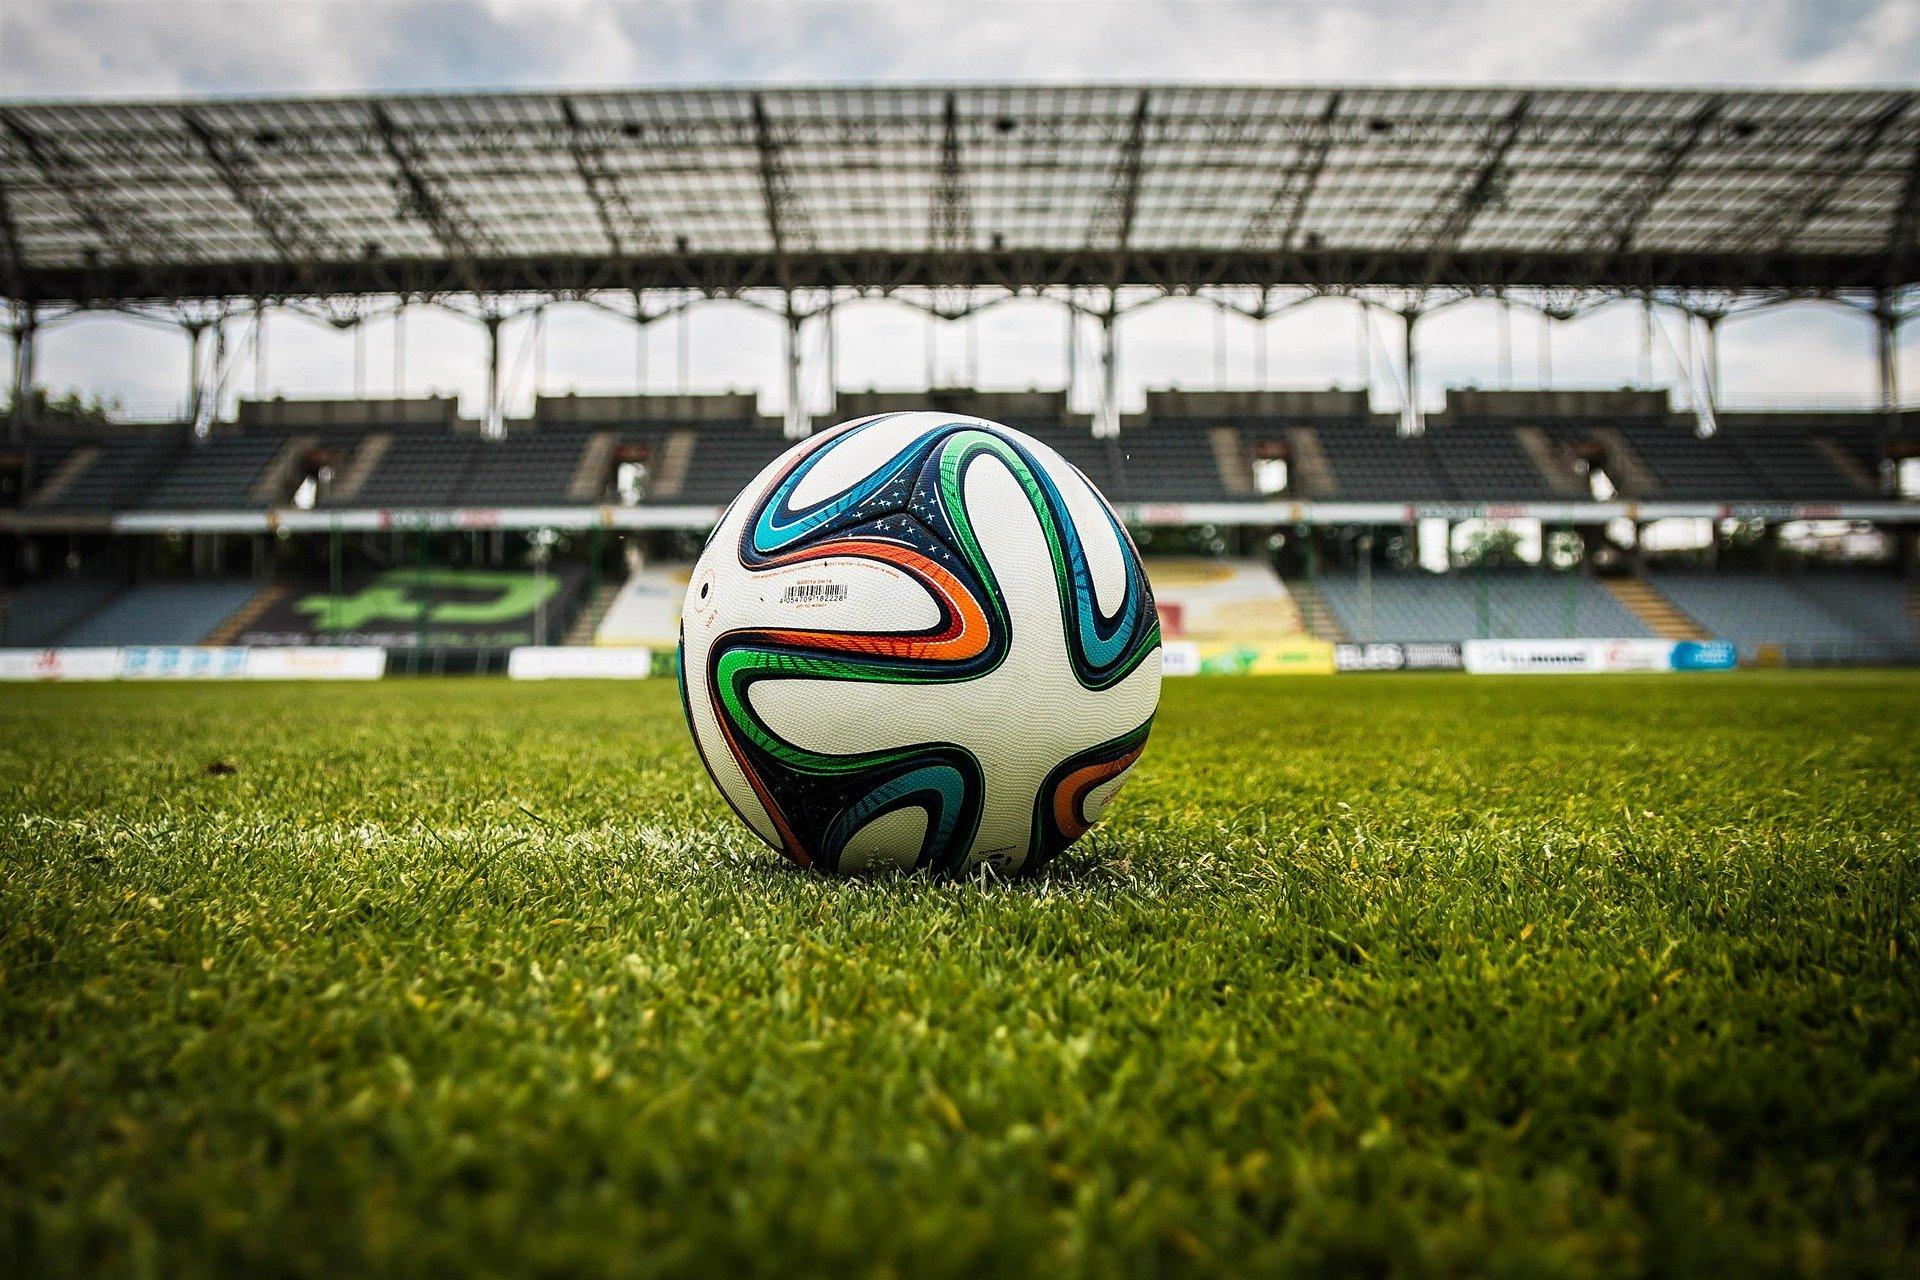 Болельщикам сообщили о переносе игры «Торпедо» на другой стадион